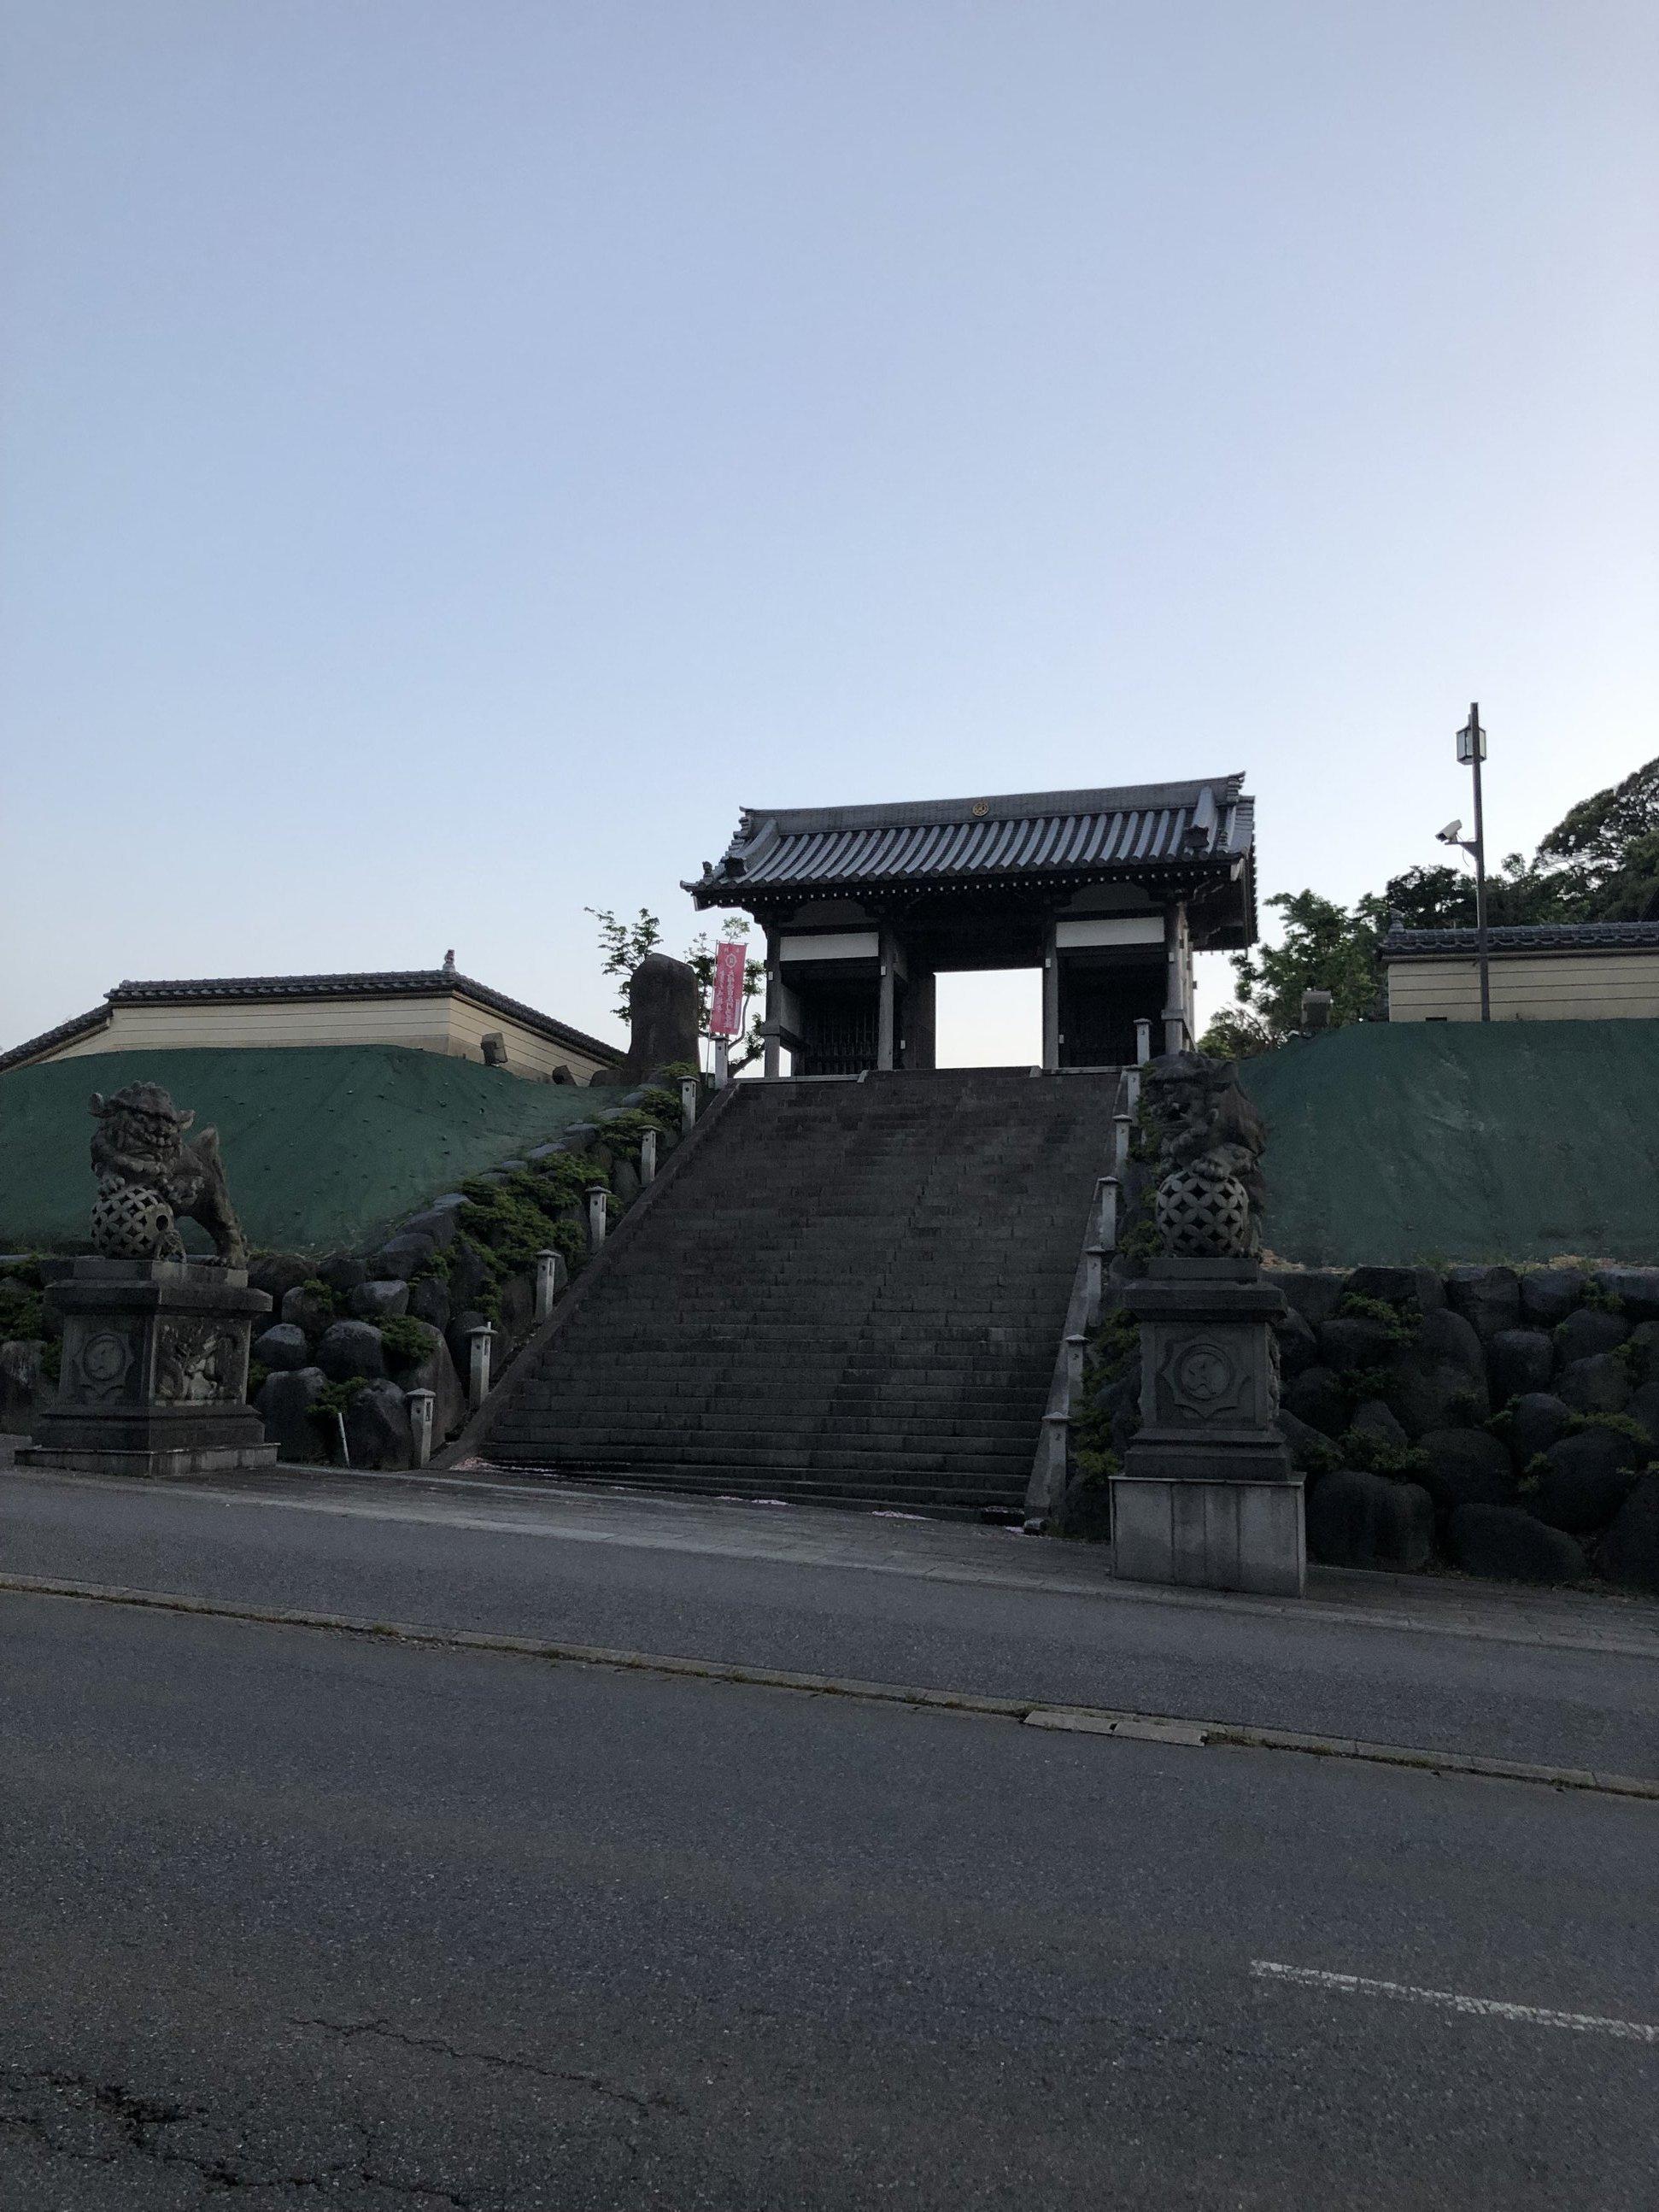 ステーション入口はこの山門の横にあります。